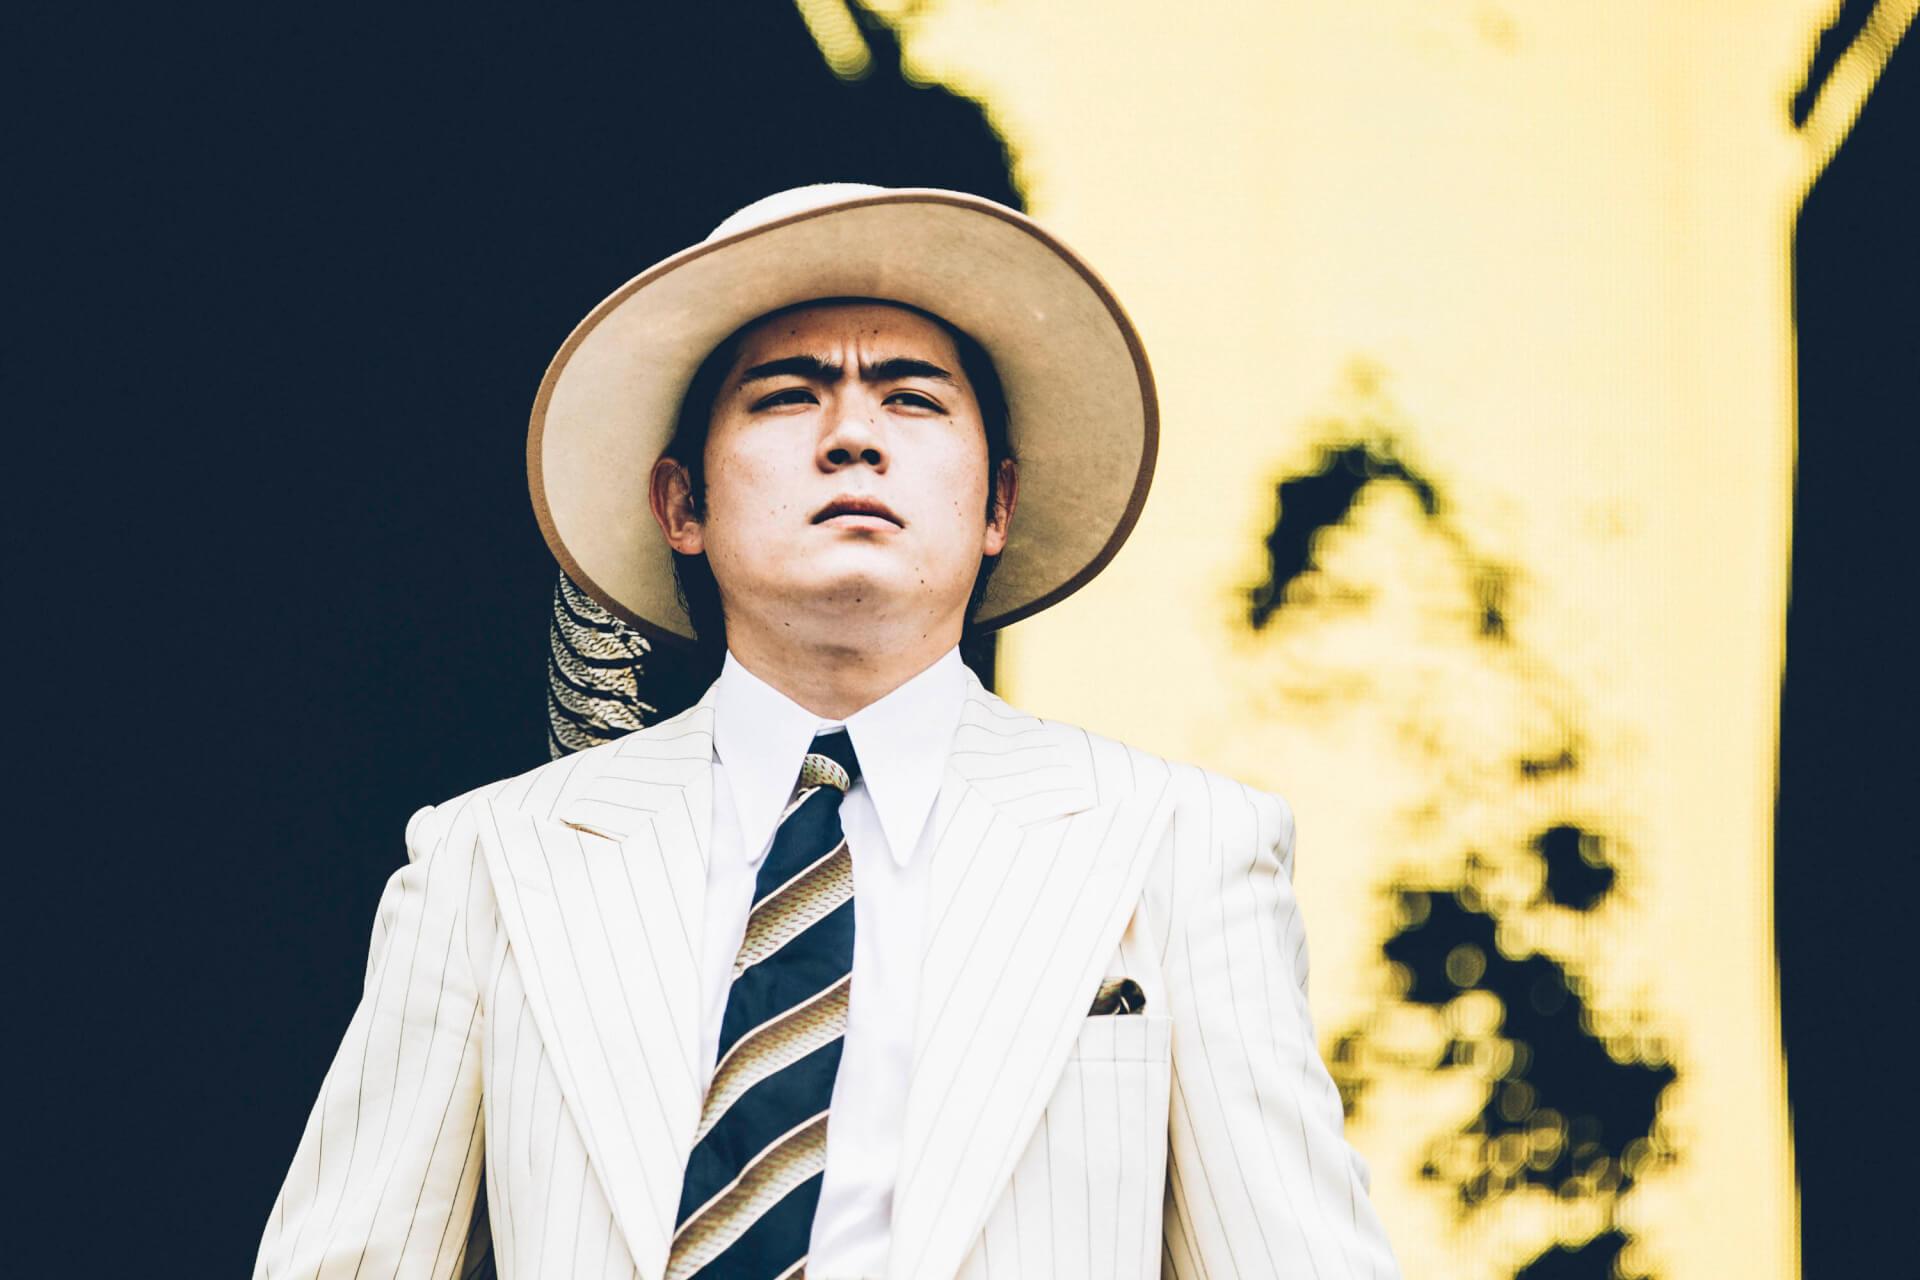 振り返るフジロック2019 SANABAGUN. music190823_fujirock_sanabagun_168.jpg